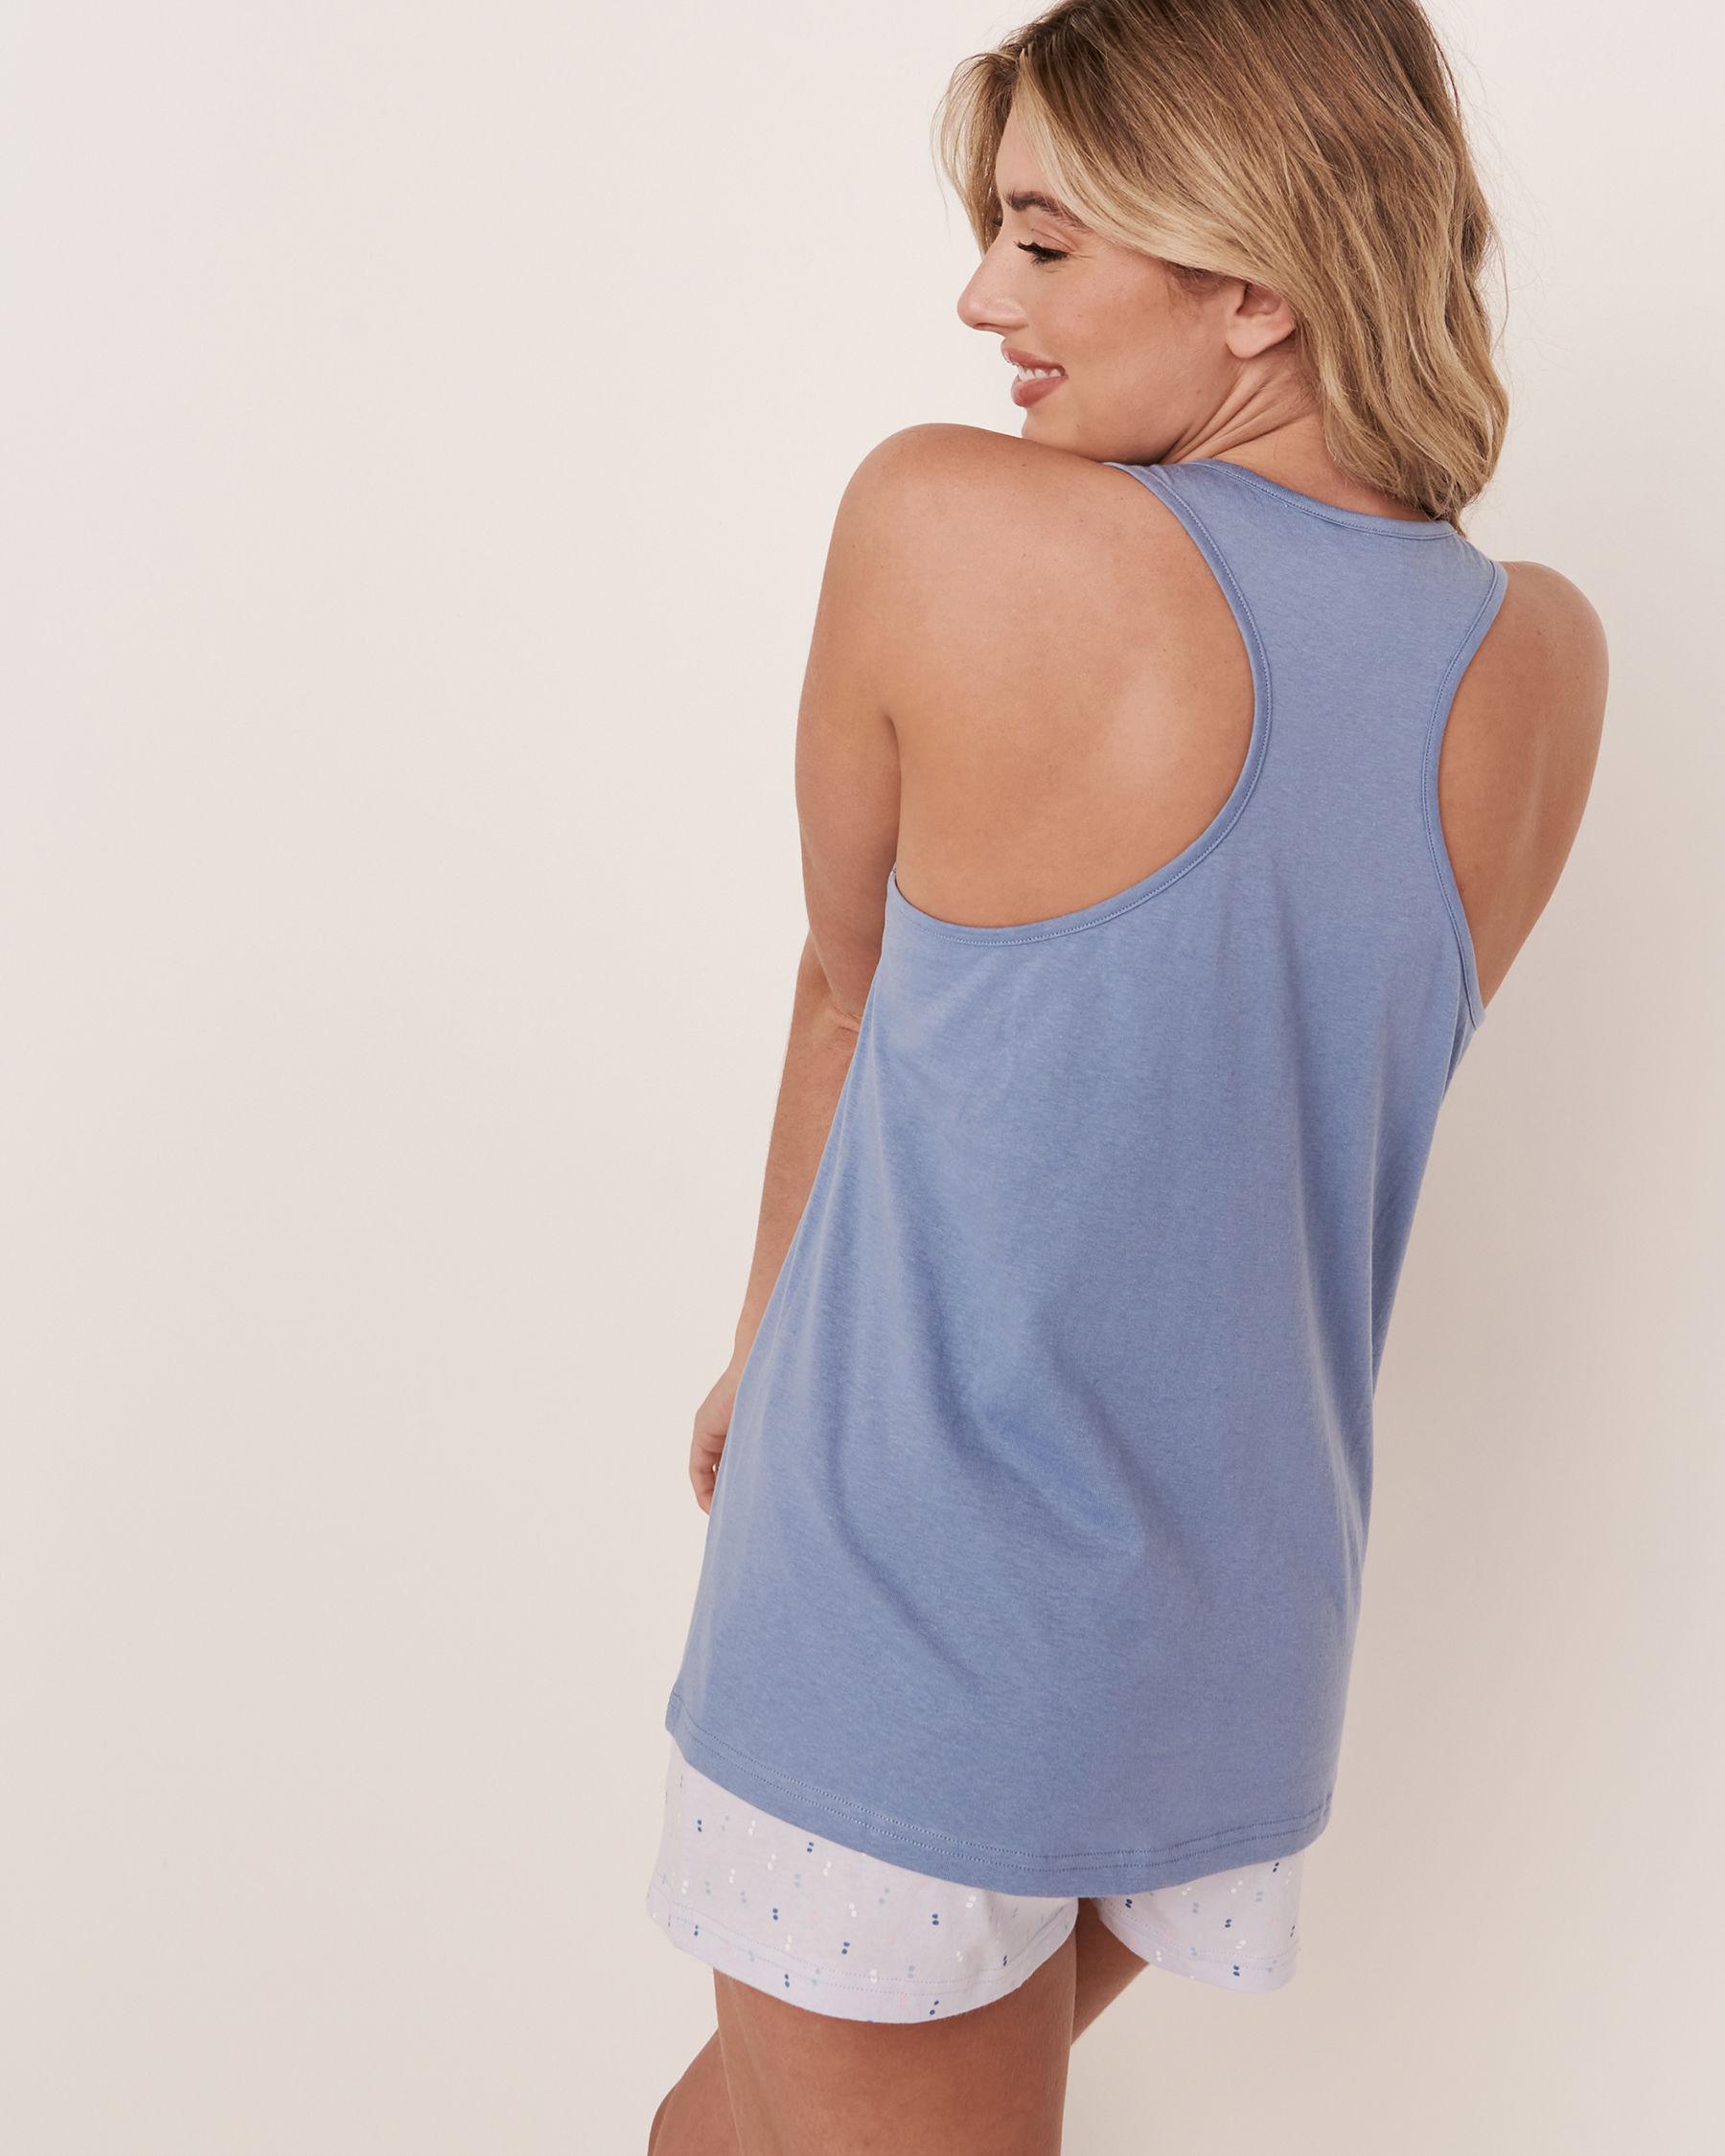 LA VIE EN ROSE Camisole dos croisé Bleu délavé 40100101 - Voir2